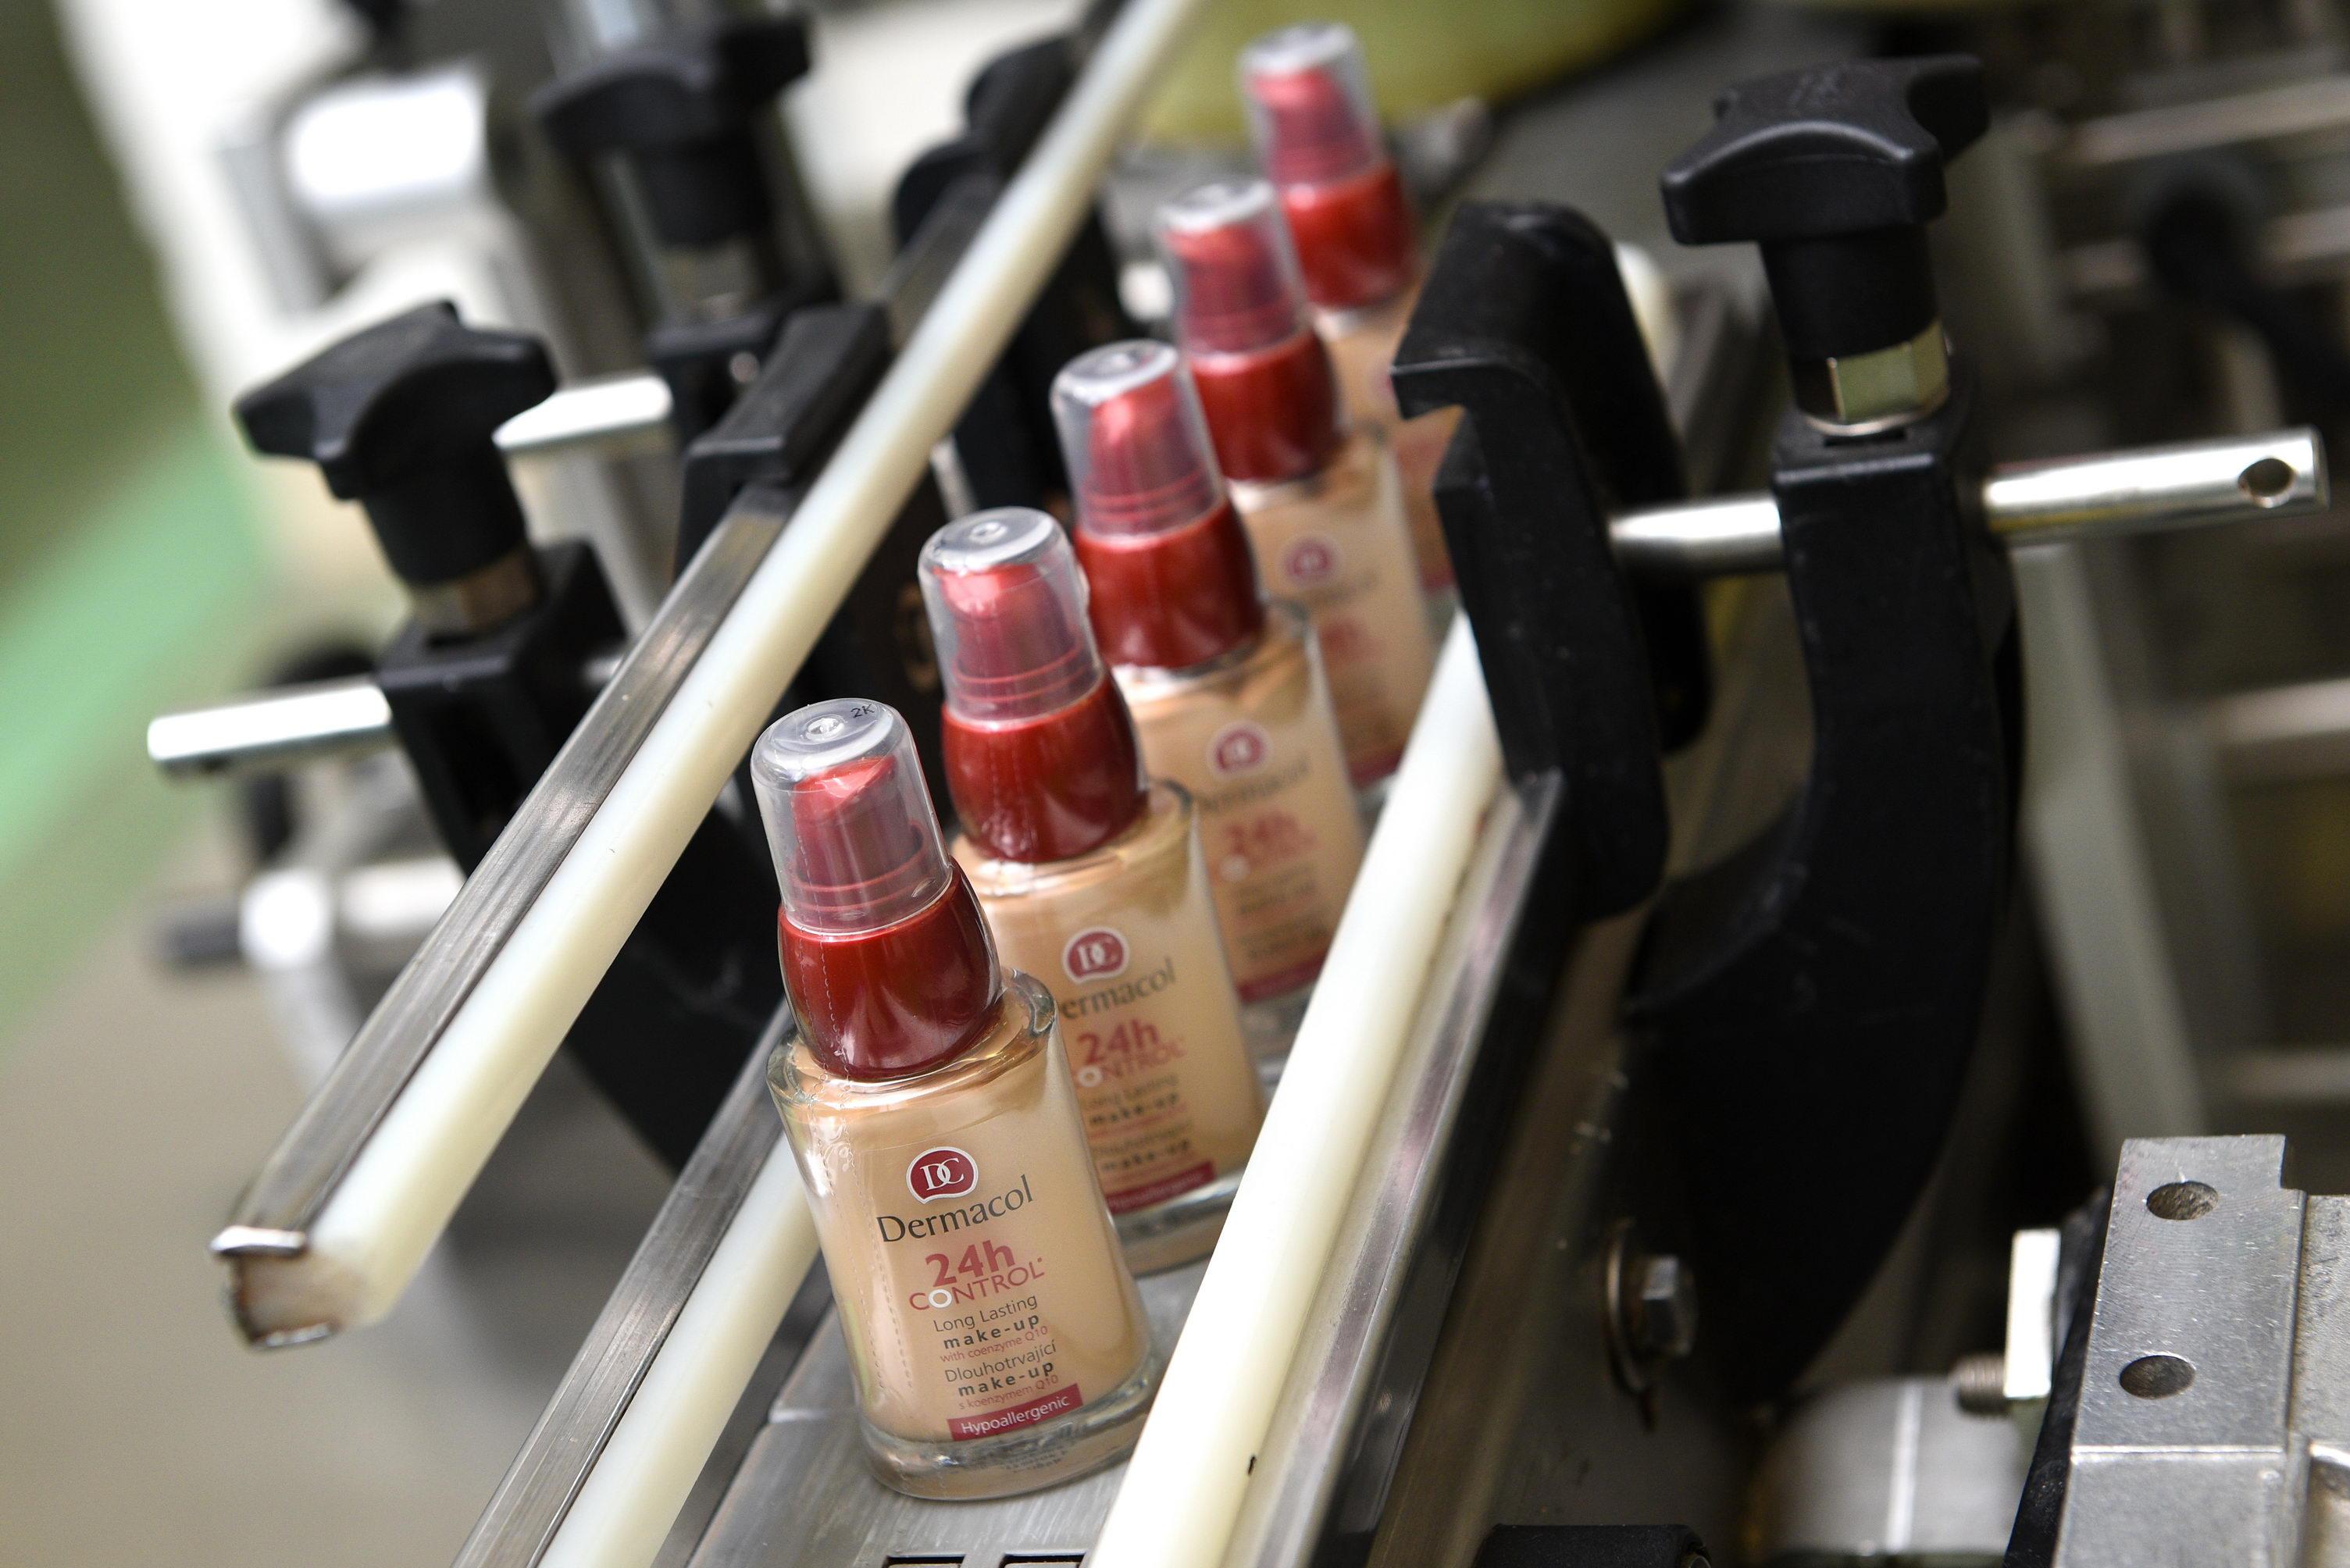 7_Automatická linka umí naplnit 22 lahviček za minutu_foto Dermacol_repro zdarma